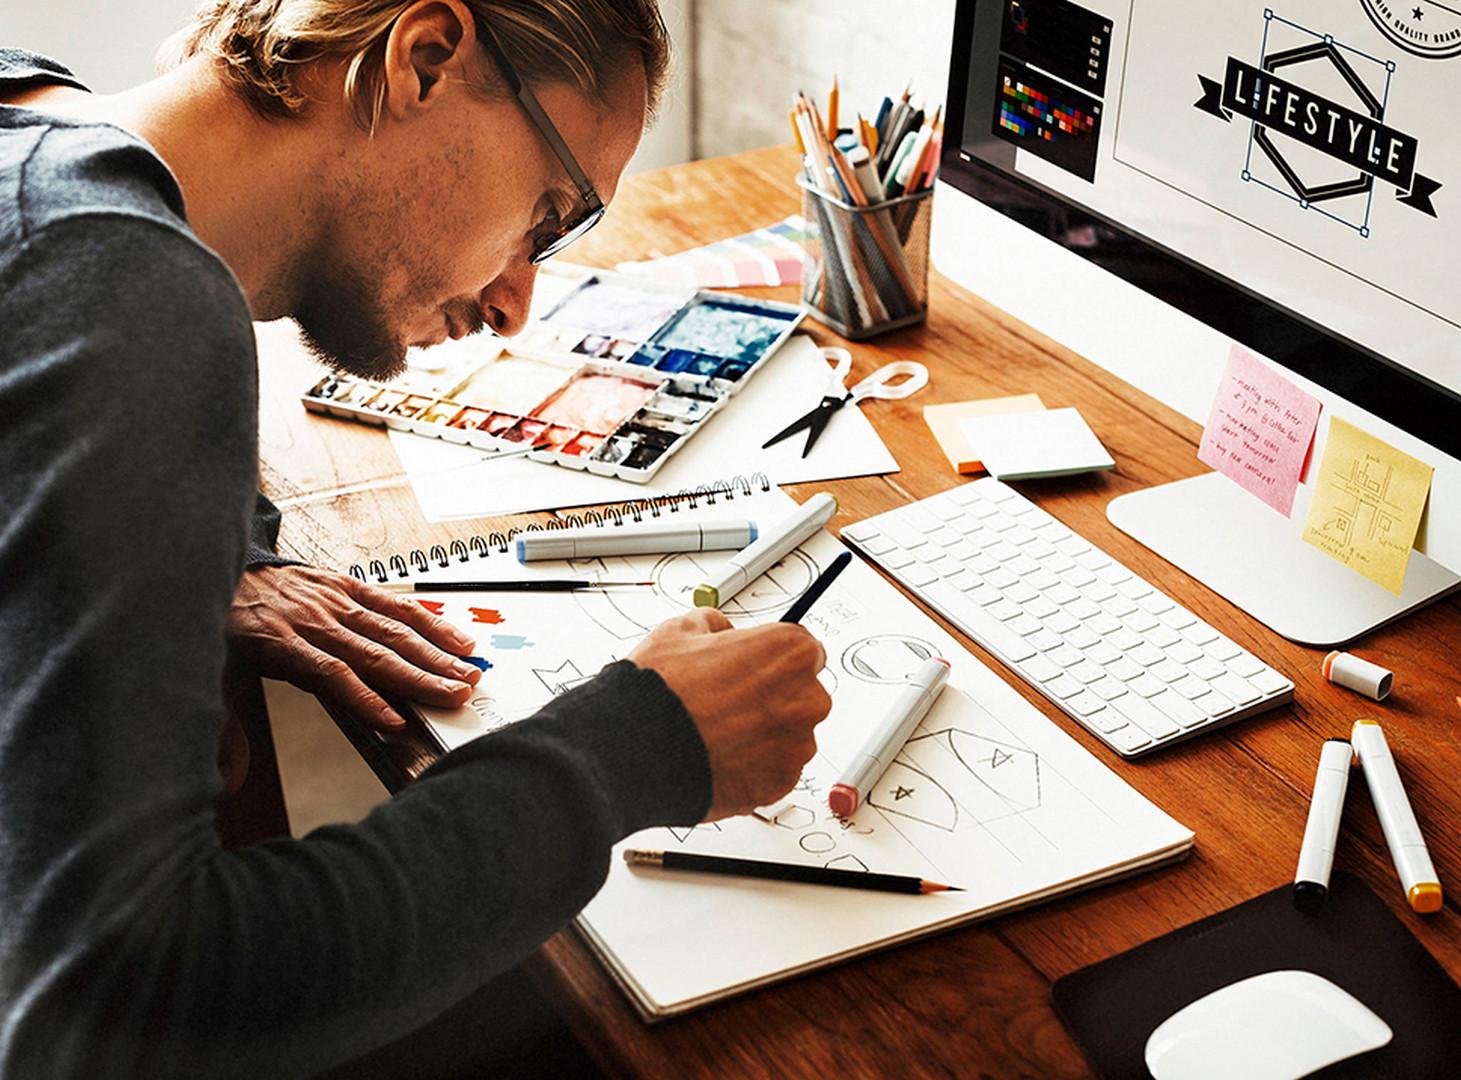 I am a freelance designer работа вебмастером удаленно